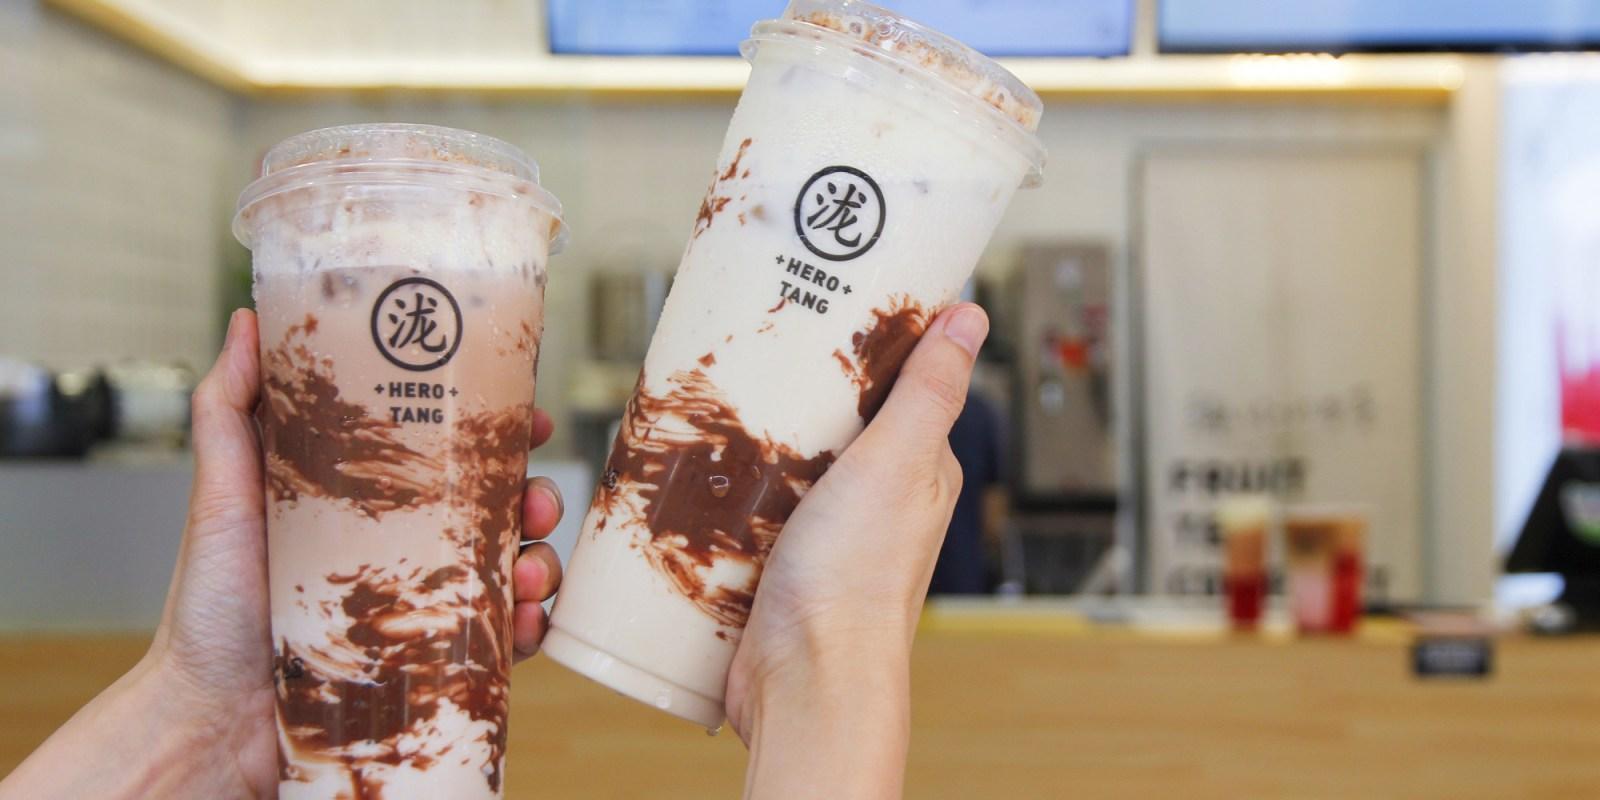 台南文青飲料店「黑泷堂」!每杯都是獨一無二的「好巧」就在「黑瀧堂」!